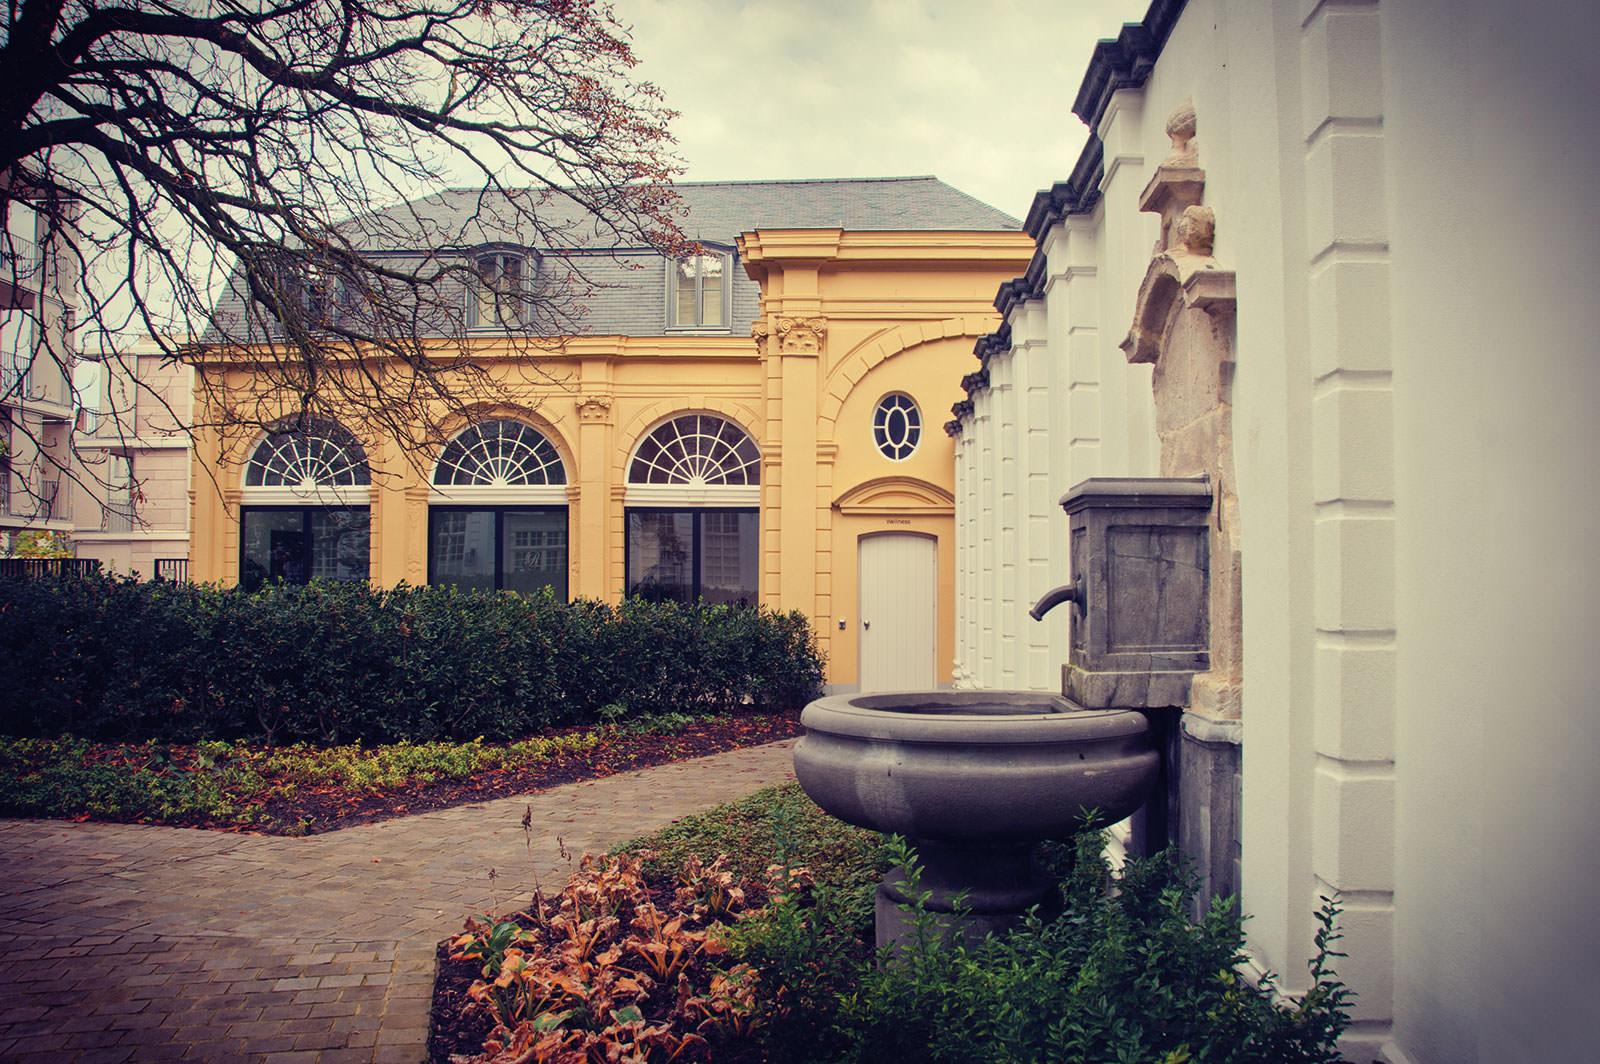 Gevelrenovatie koetshuis Reylof definitief afgewerkt!